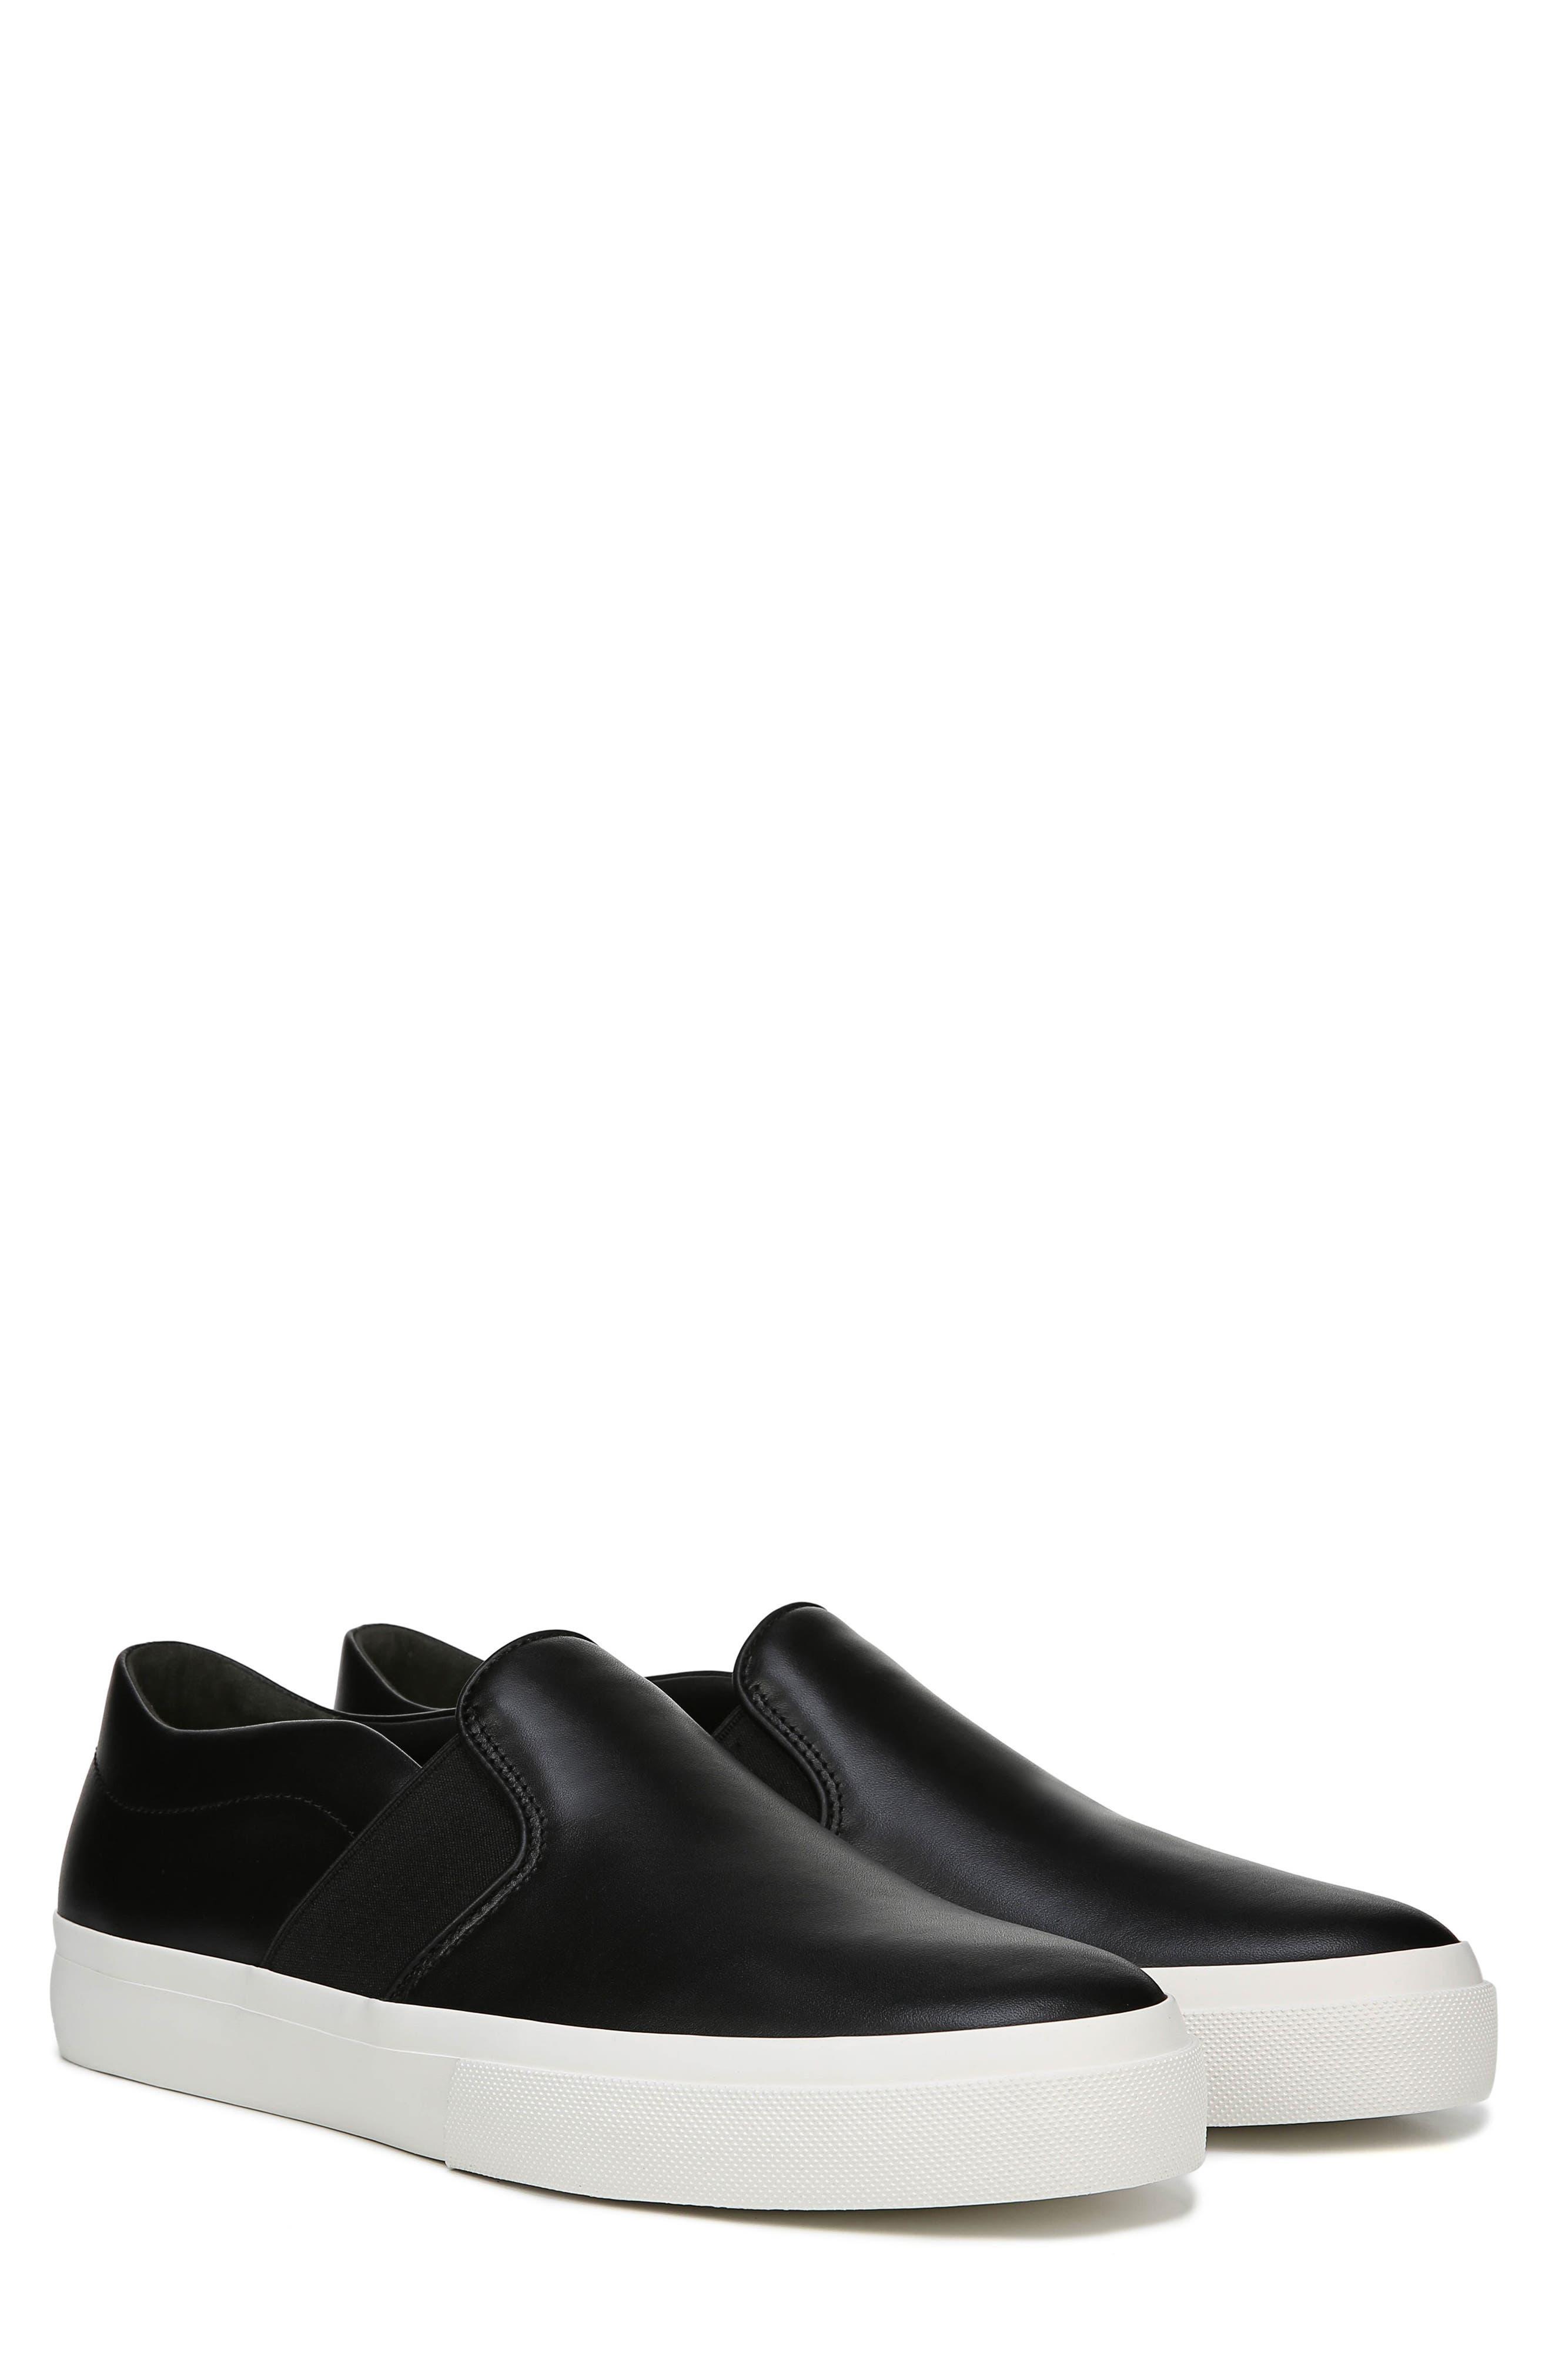 Fenton Slip-On  Sneaker,                             Alternate thumbnail 9, color,                             BLACK/ BLACK